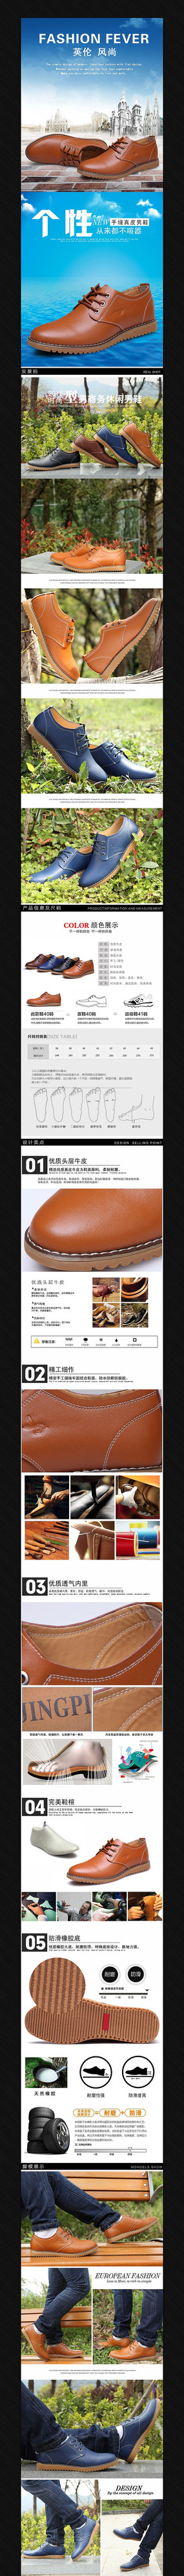 淘宝男鞋详情页psd模板